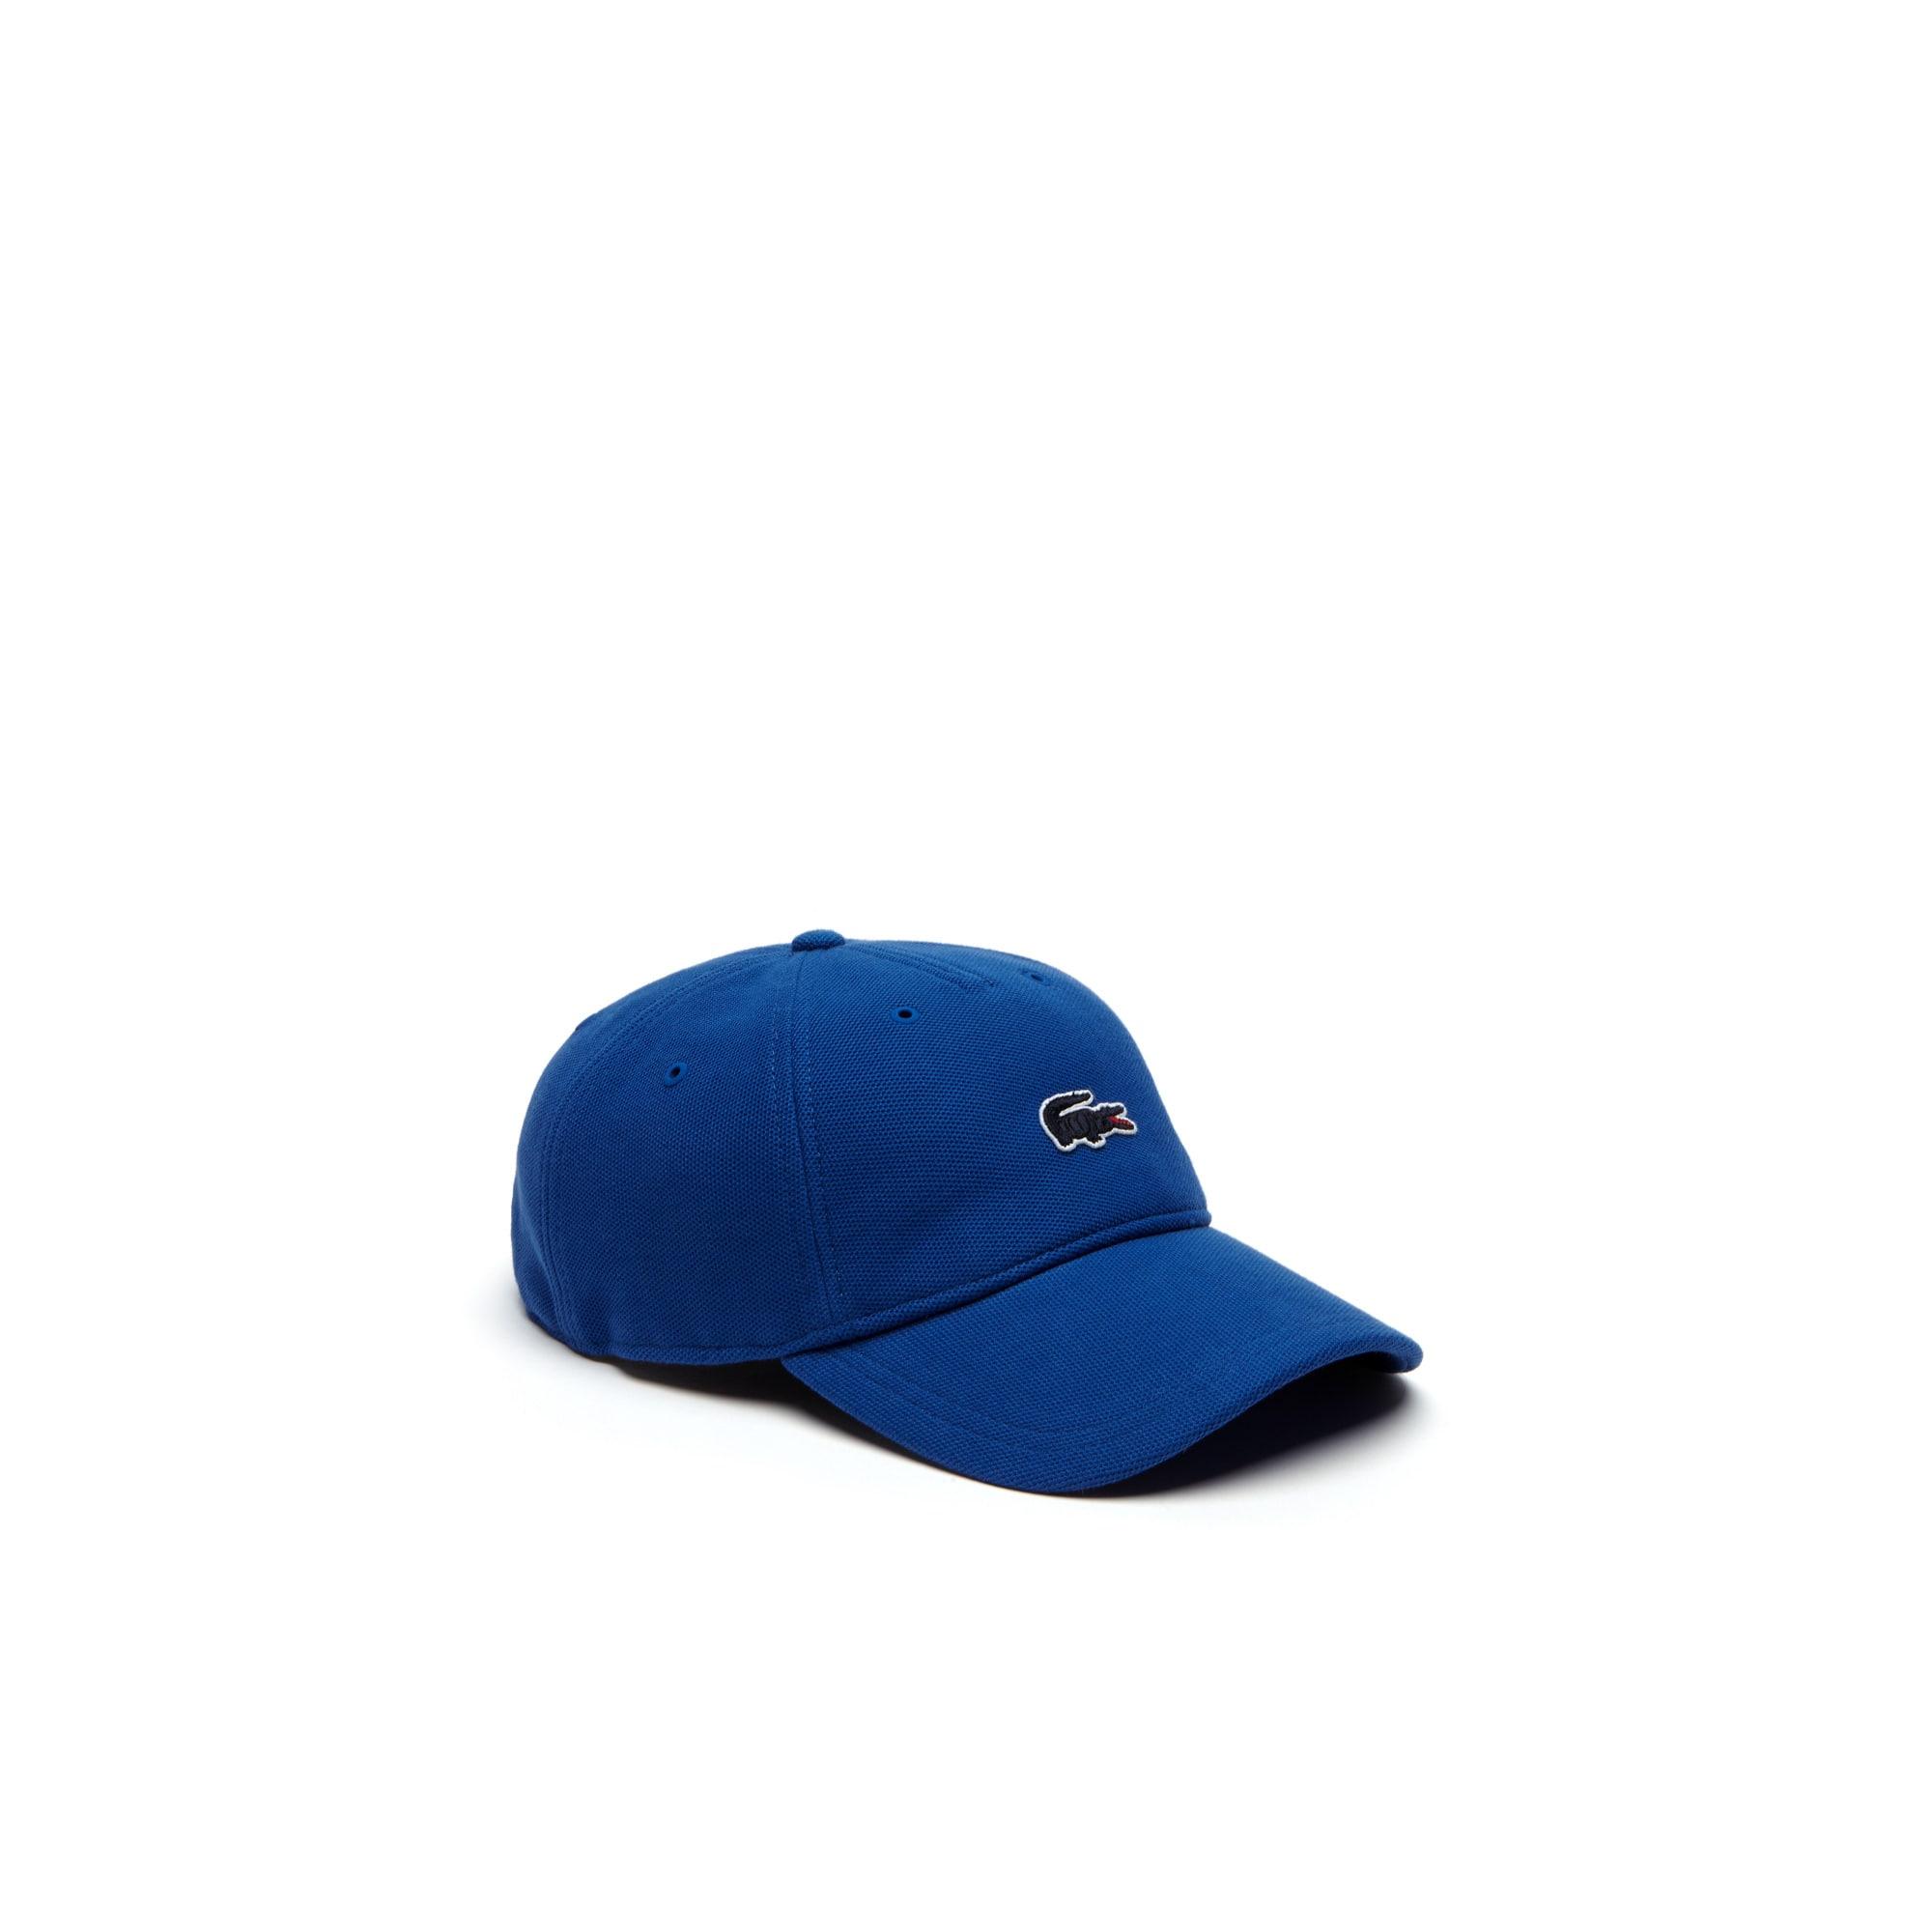 Gorra de piqué liso con parche cocodrilo